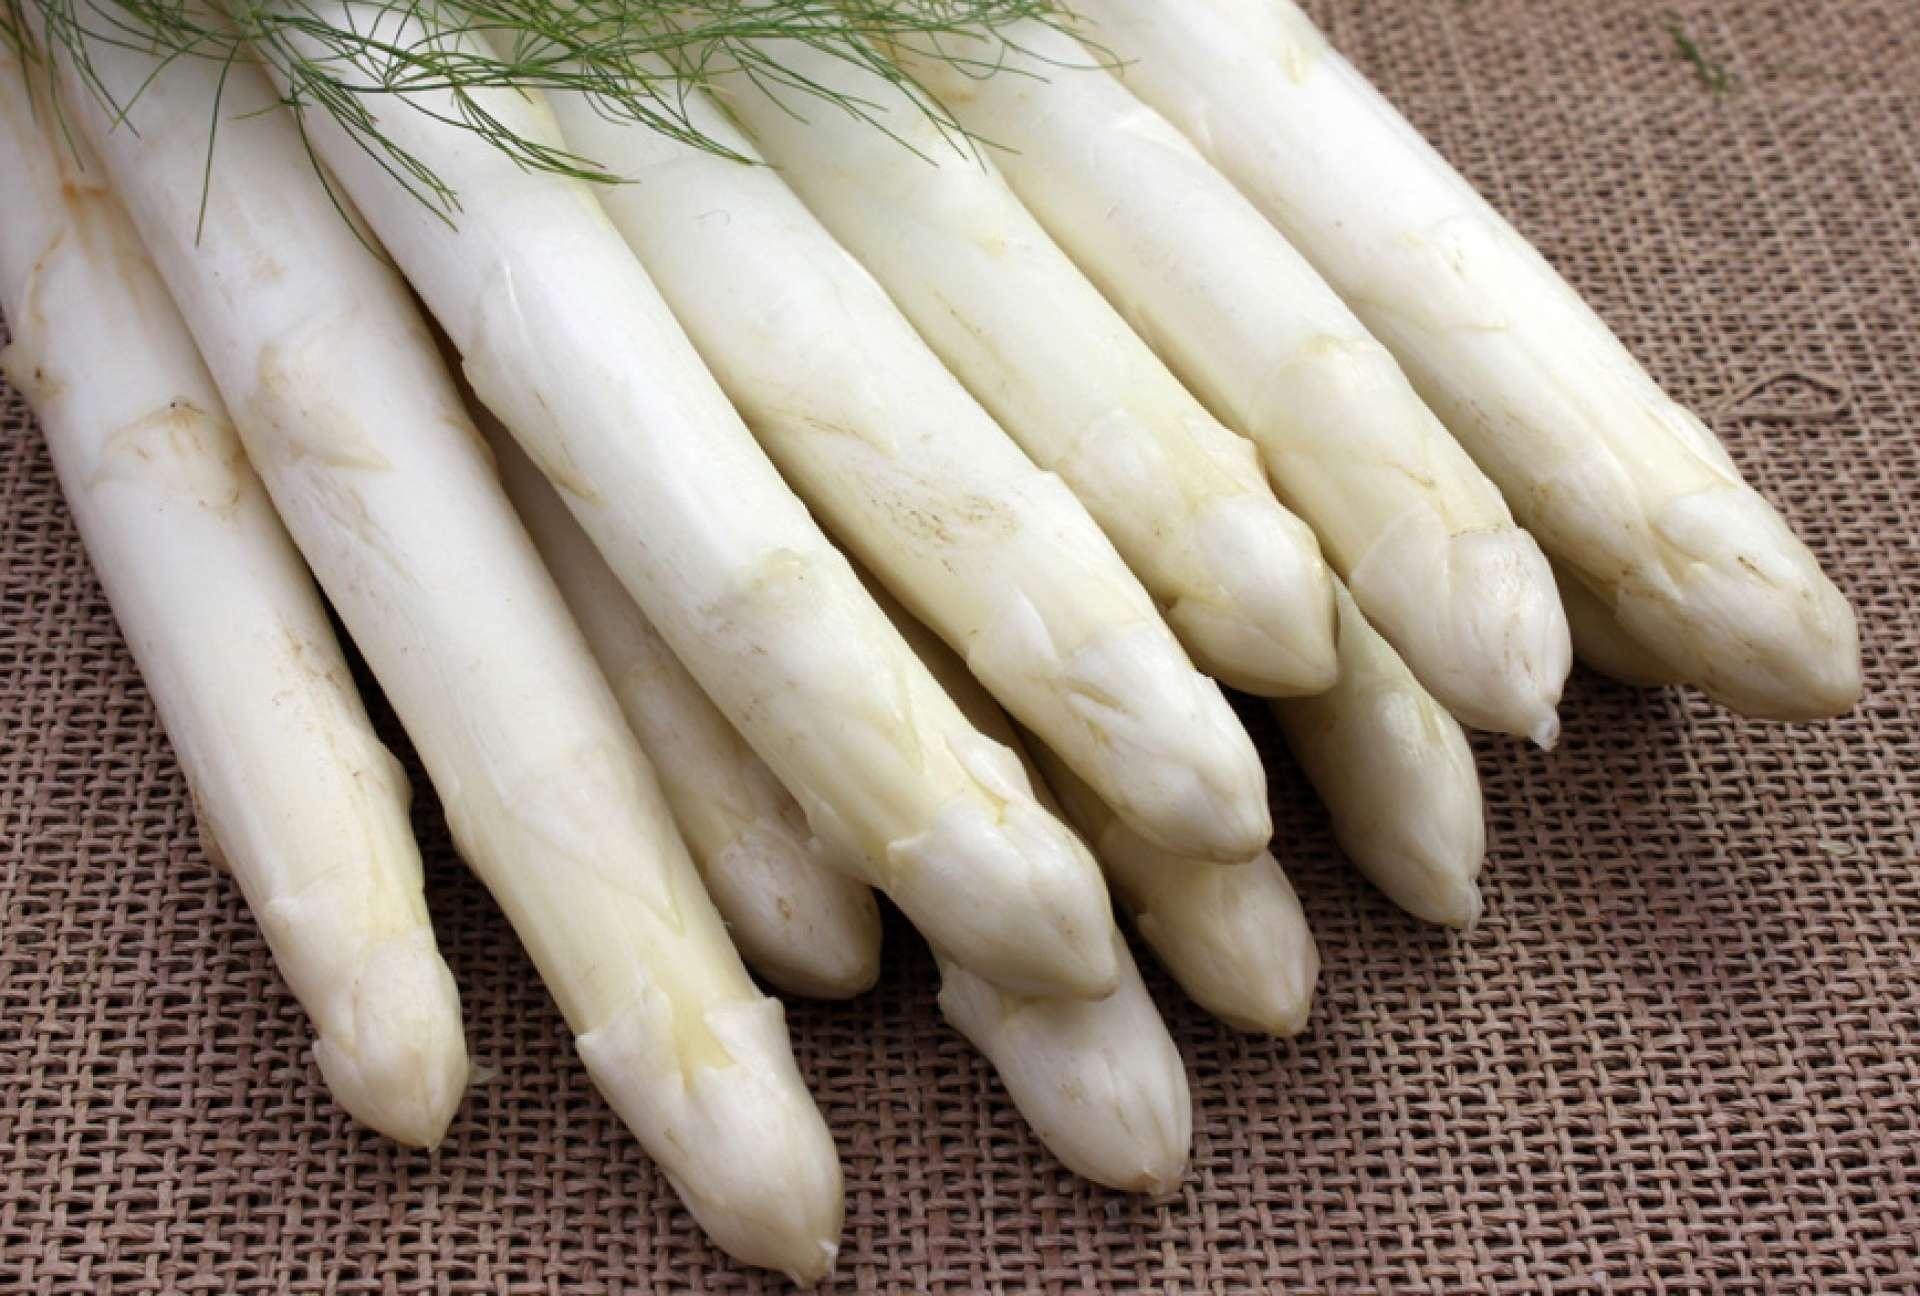 Asparagus: Ravel